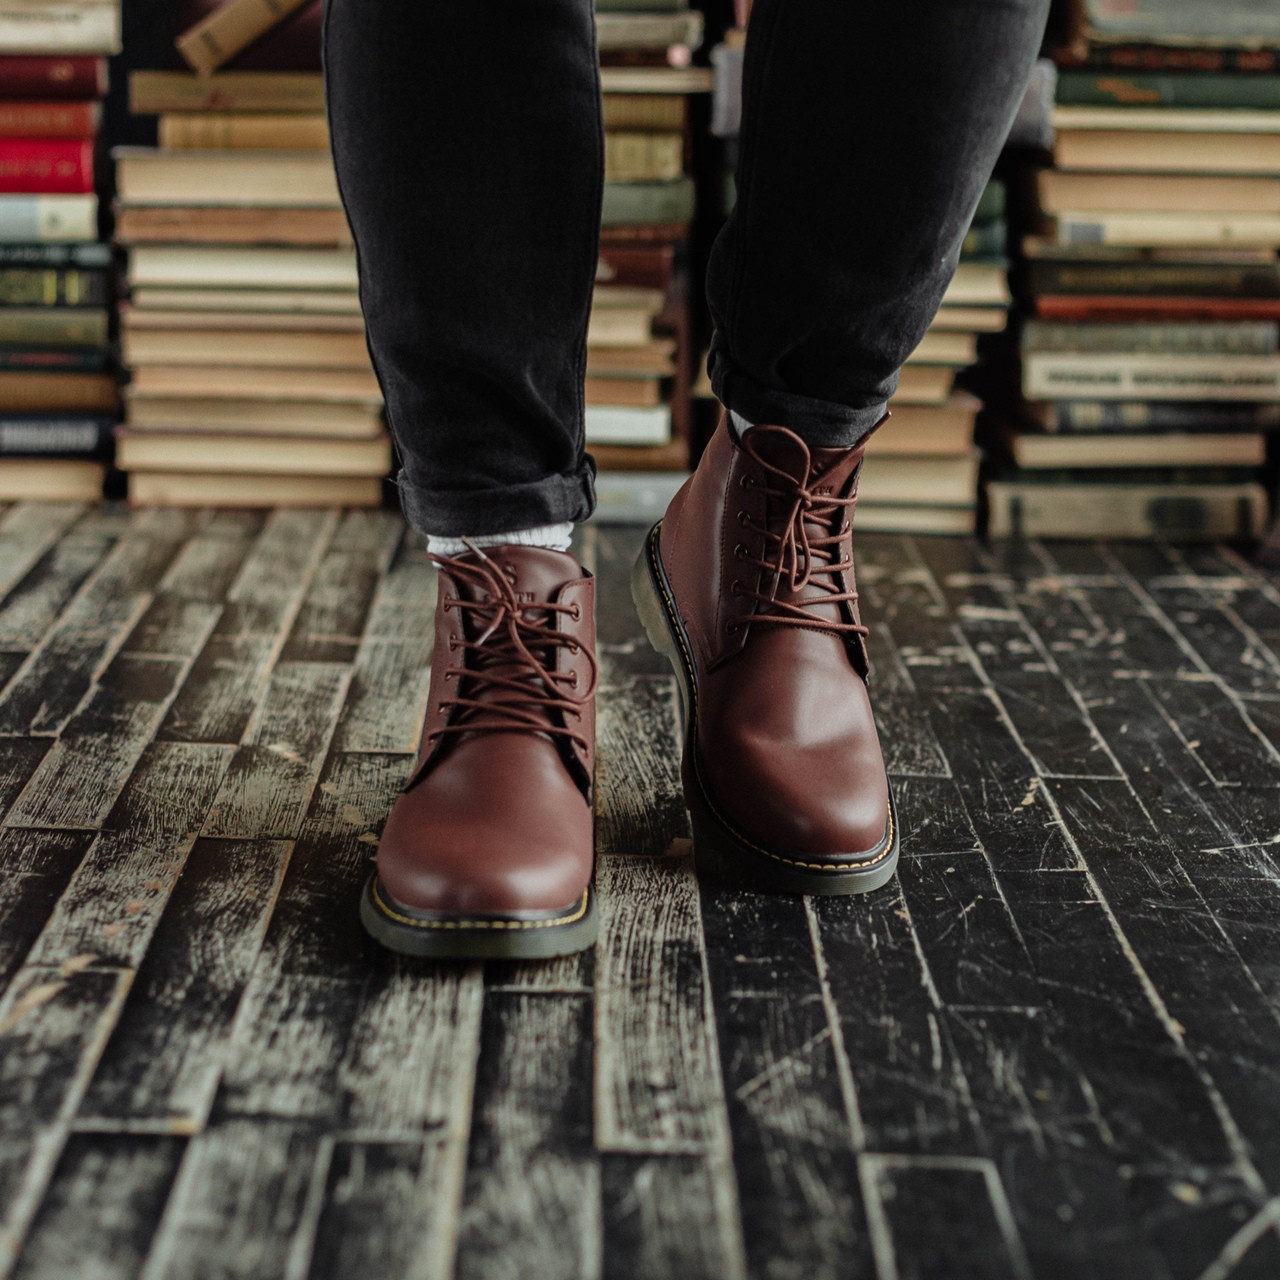 Мужские зимние ботинки South Warfare coffe. Натуральная кожа и мех. Премиум качество